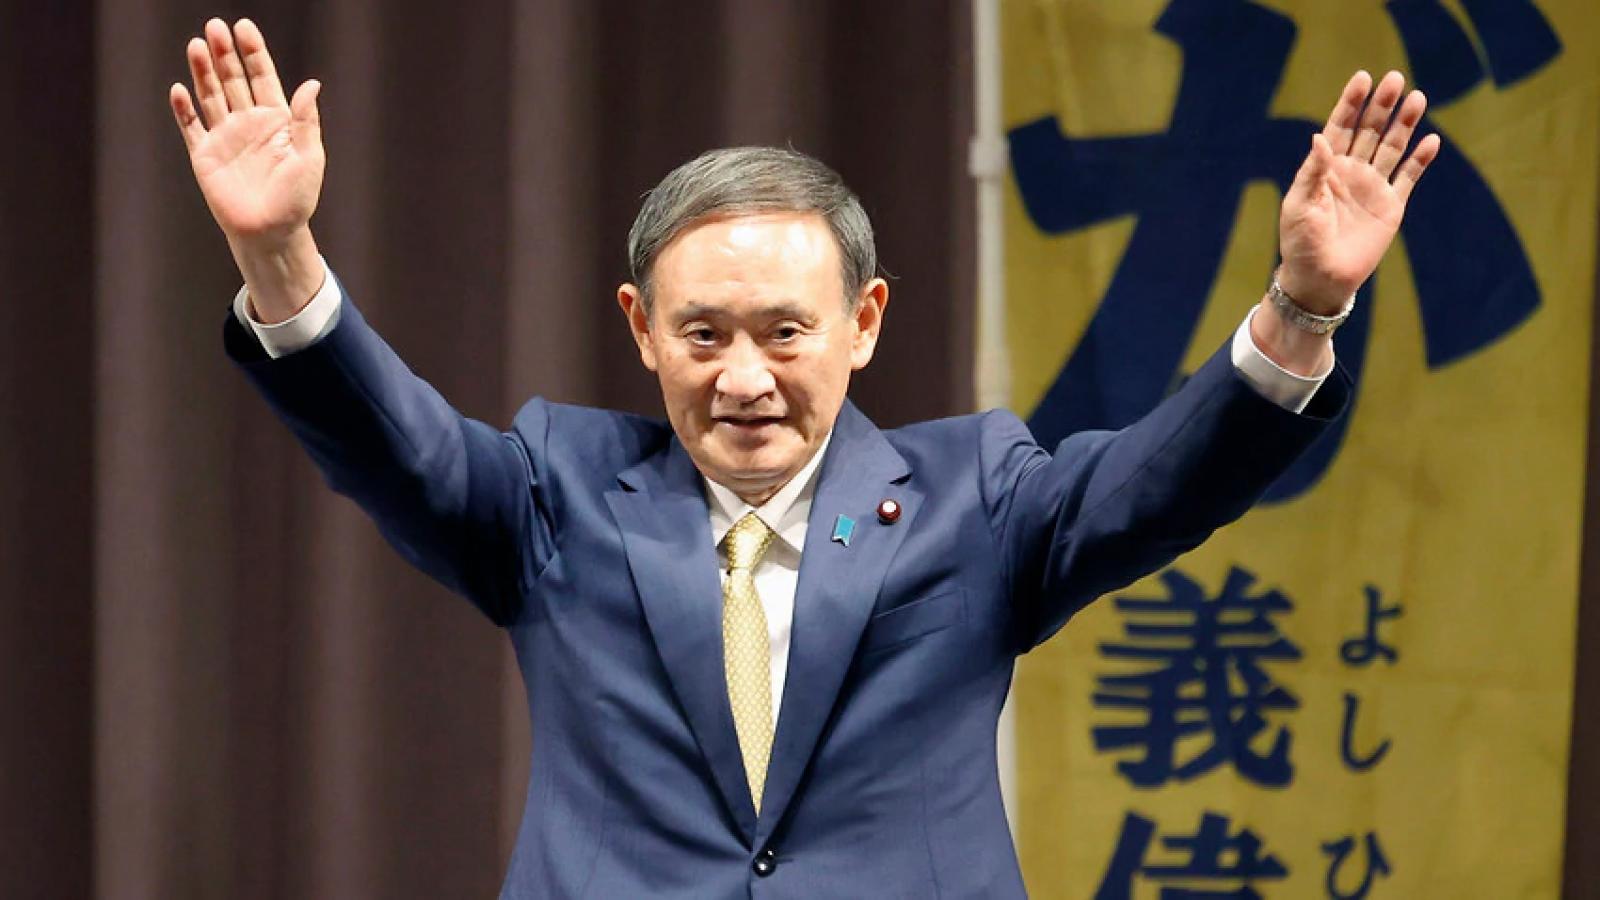 Việt Nam hoan nghênh Thủ tướng Nhật Bản sang thăm vào thời điểm phù hợp